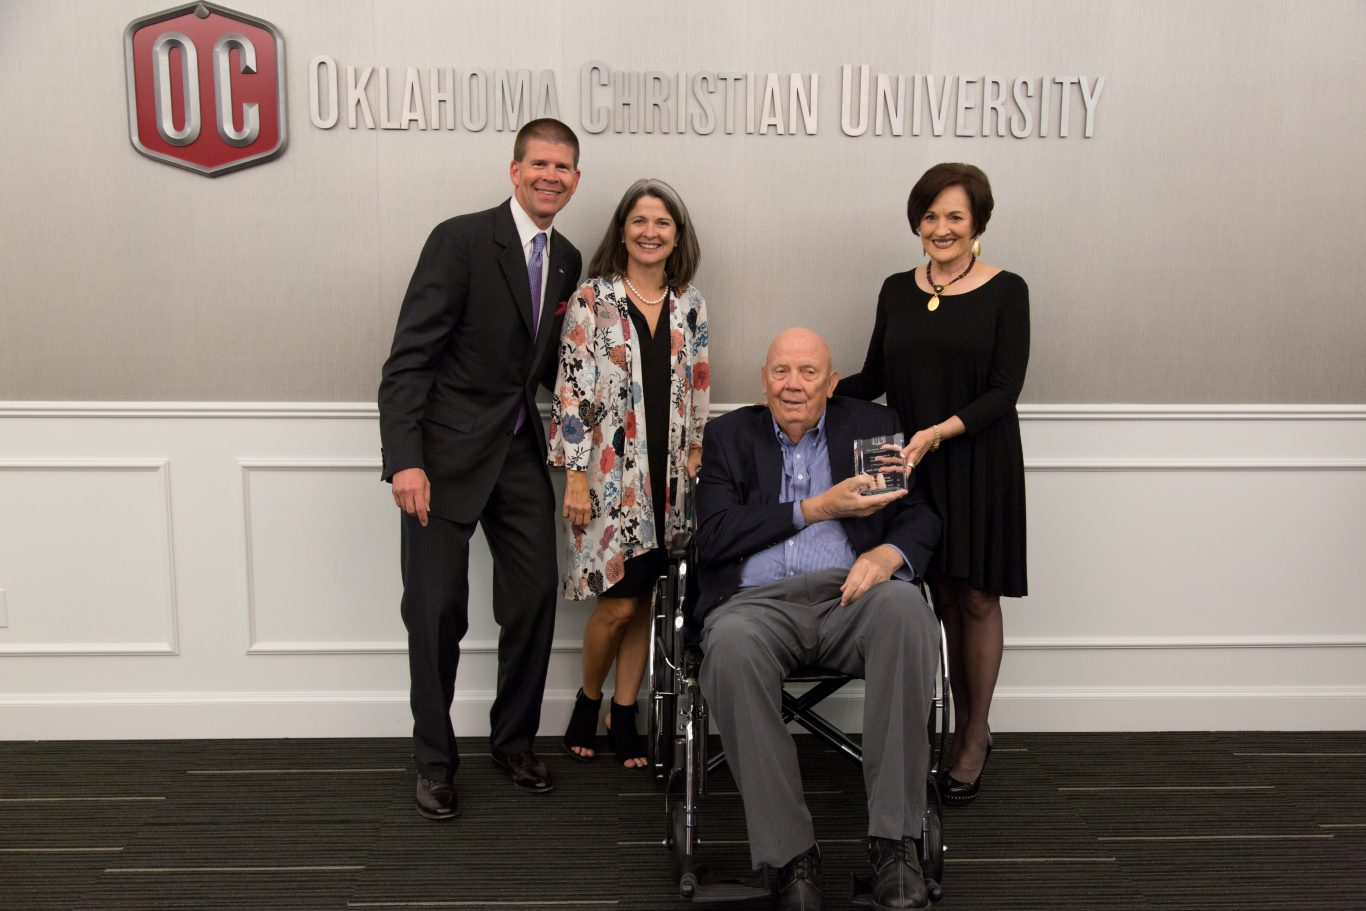 President John deSteiguer, Darla deSteiguer, Dave Smith and Linda Smith